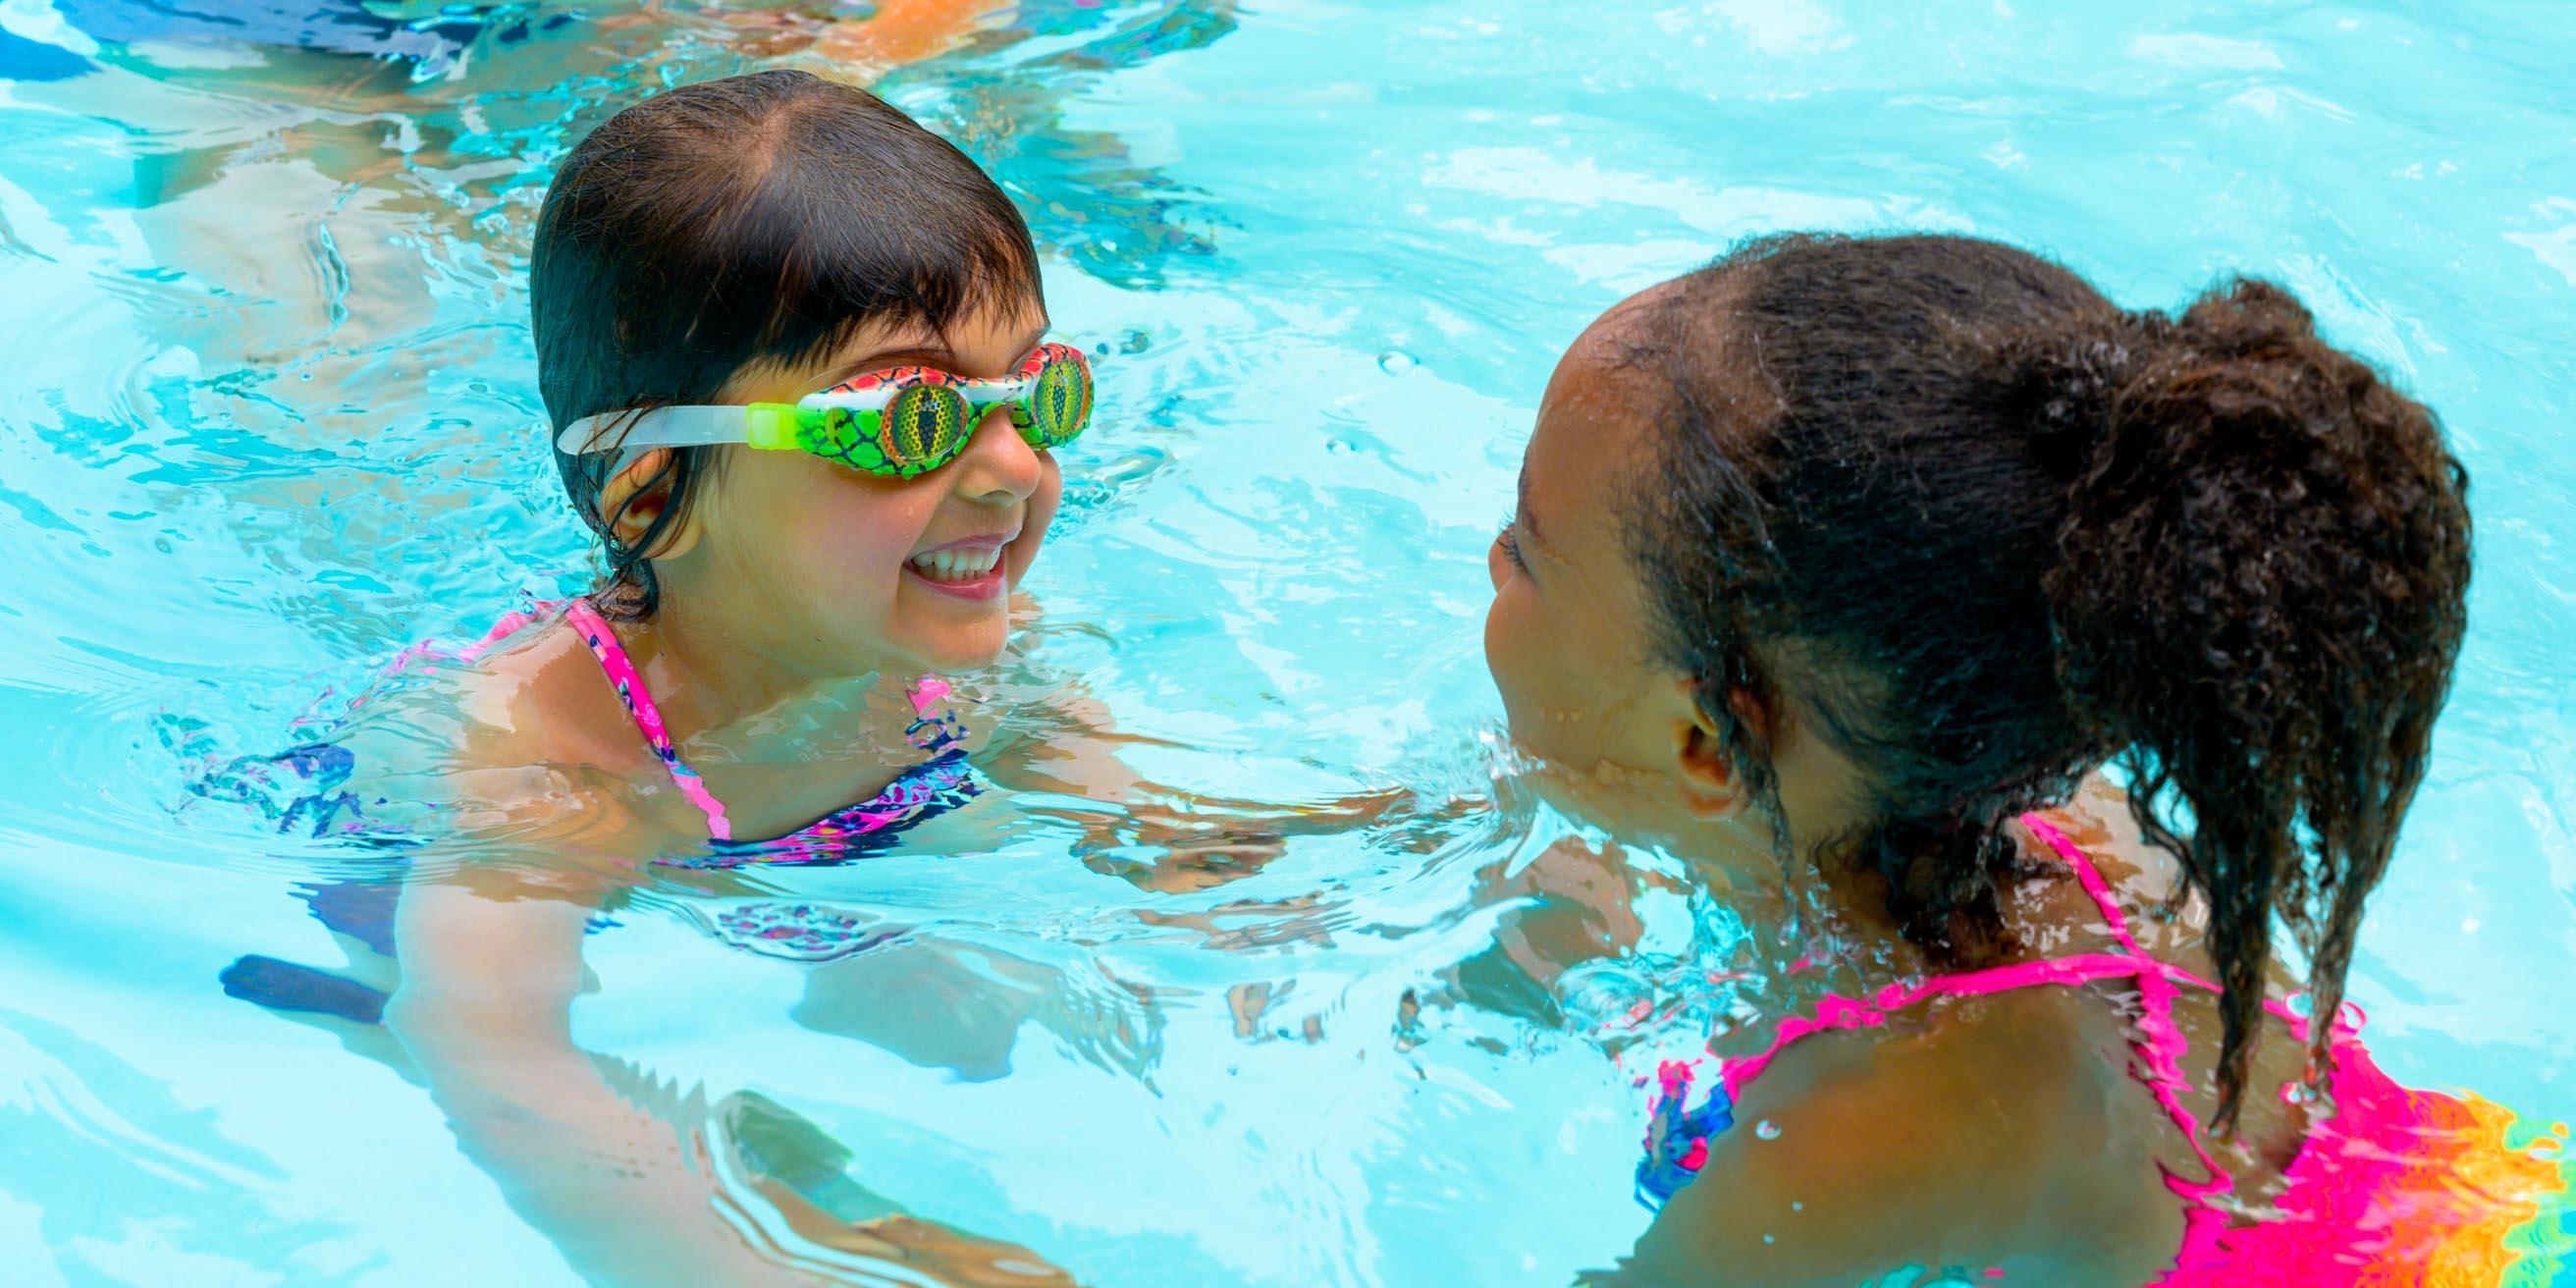 Girls laughing in pool